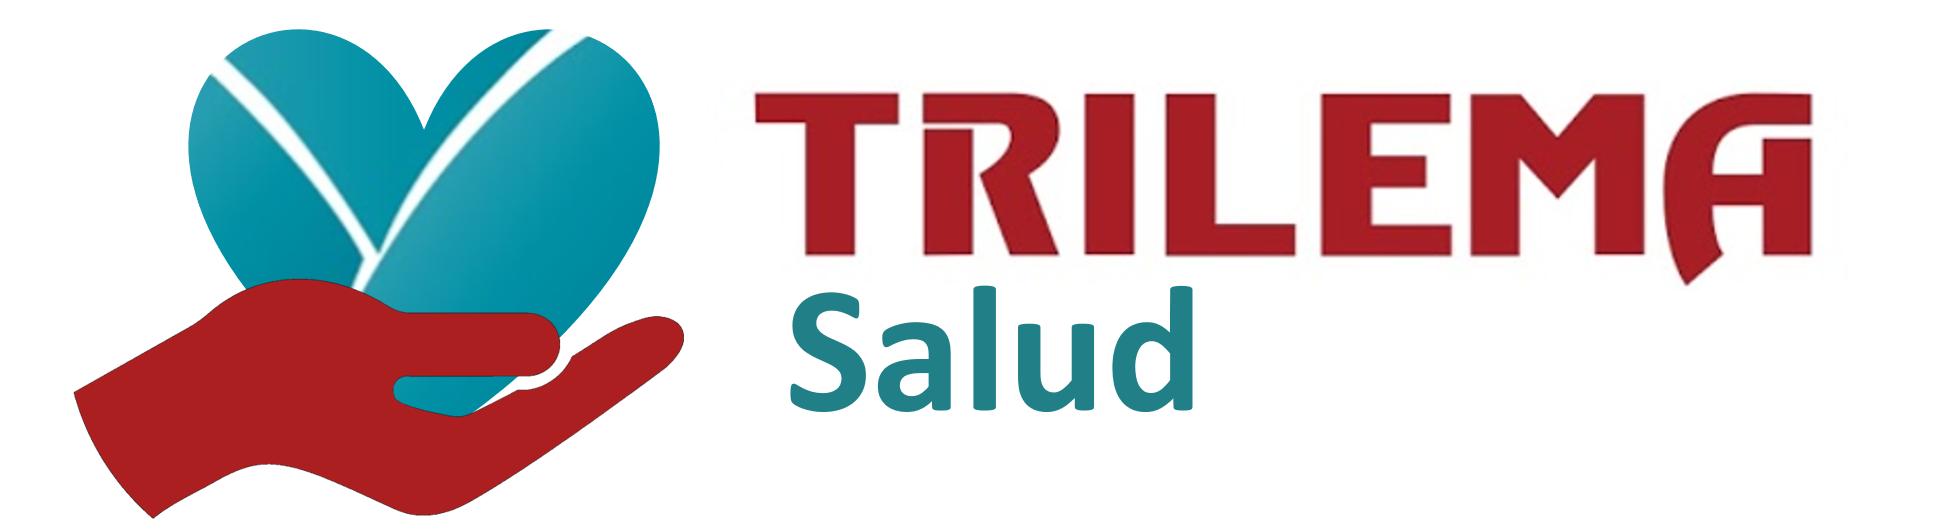 Trilema Salud